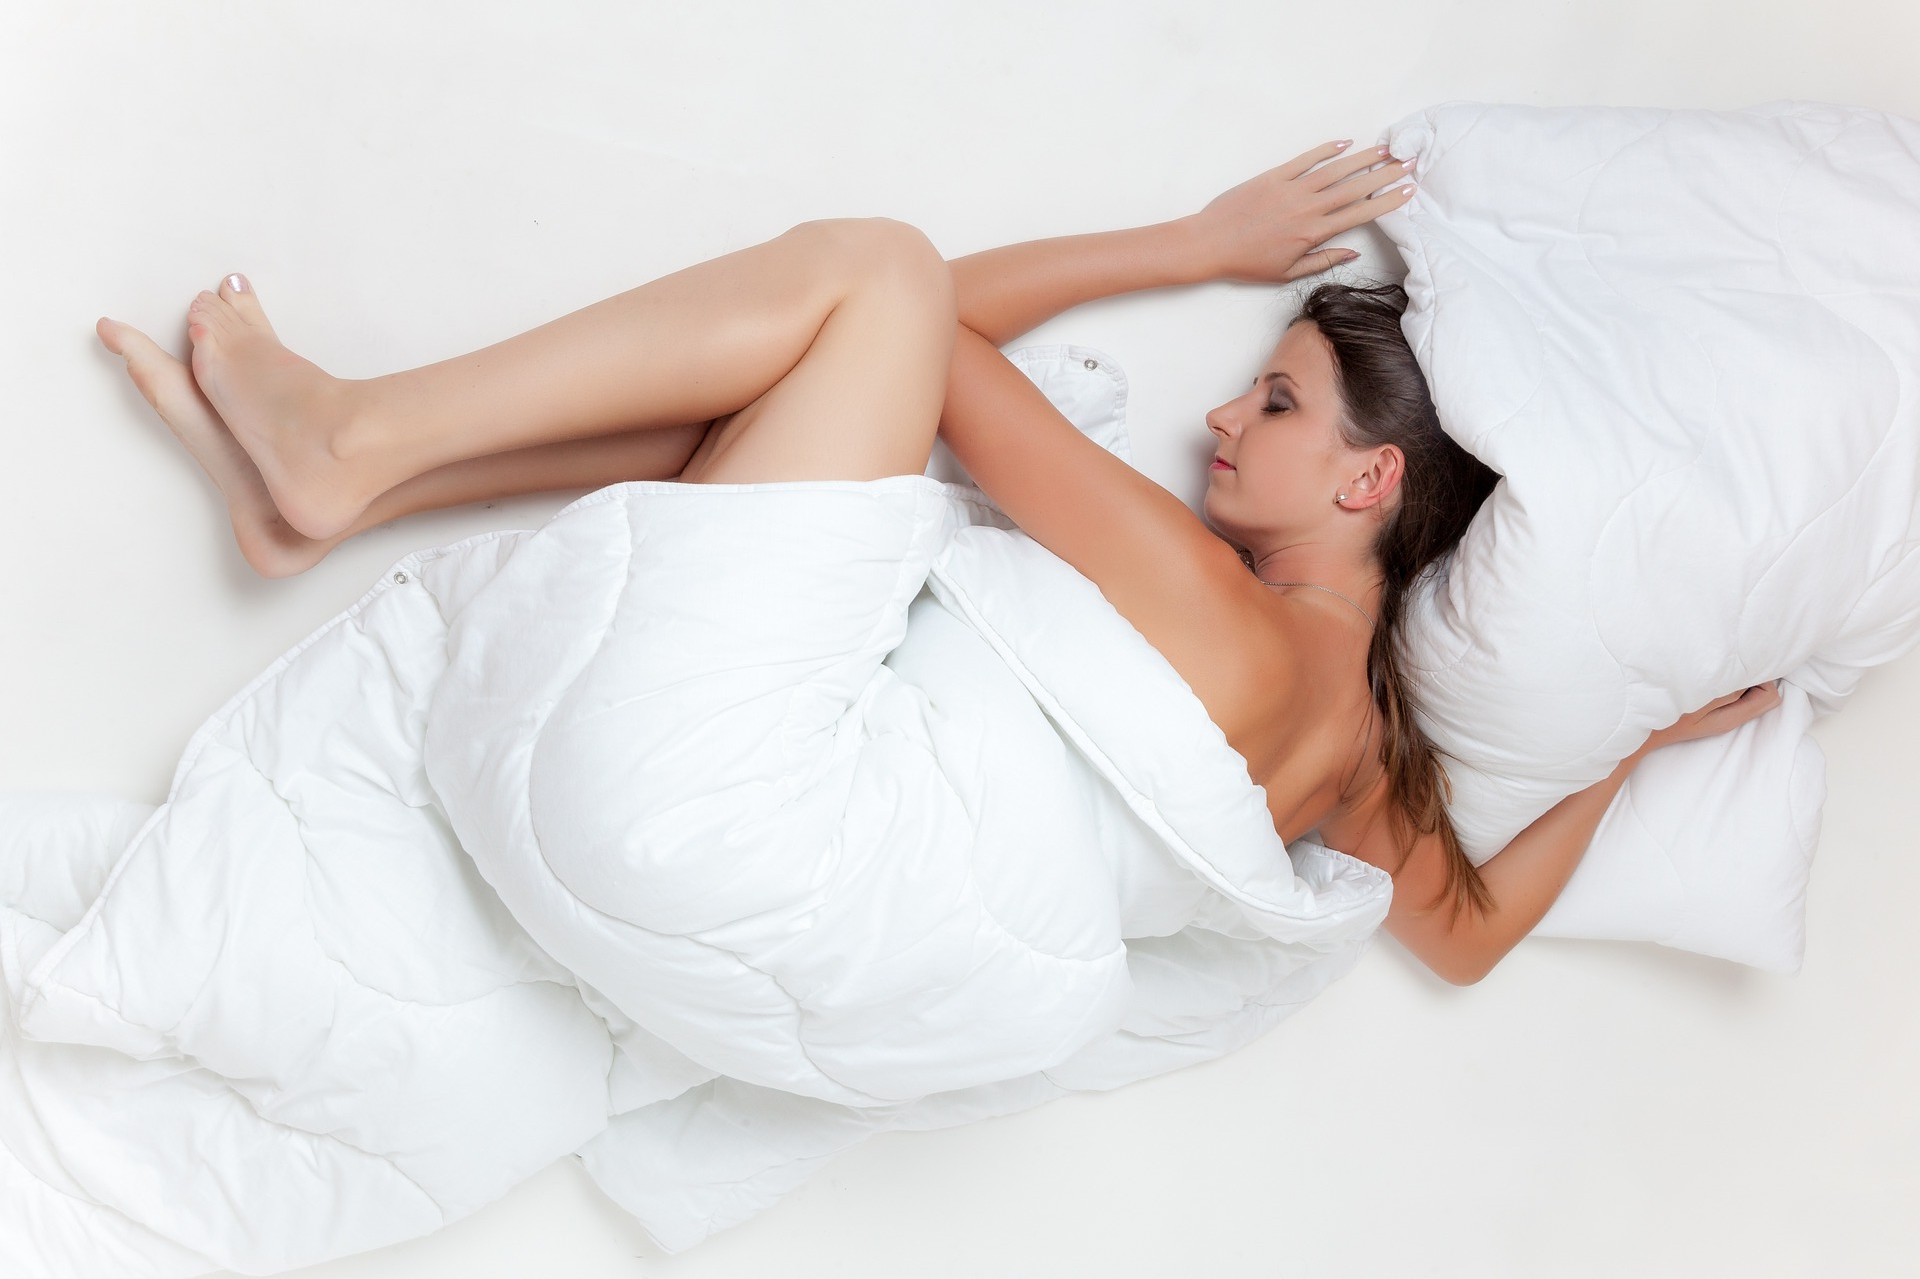 """Πως εξηγείται επιστημονικά το """"τίναγμα"""" στον ύπνο;"""